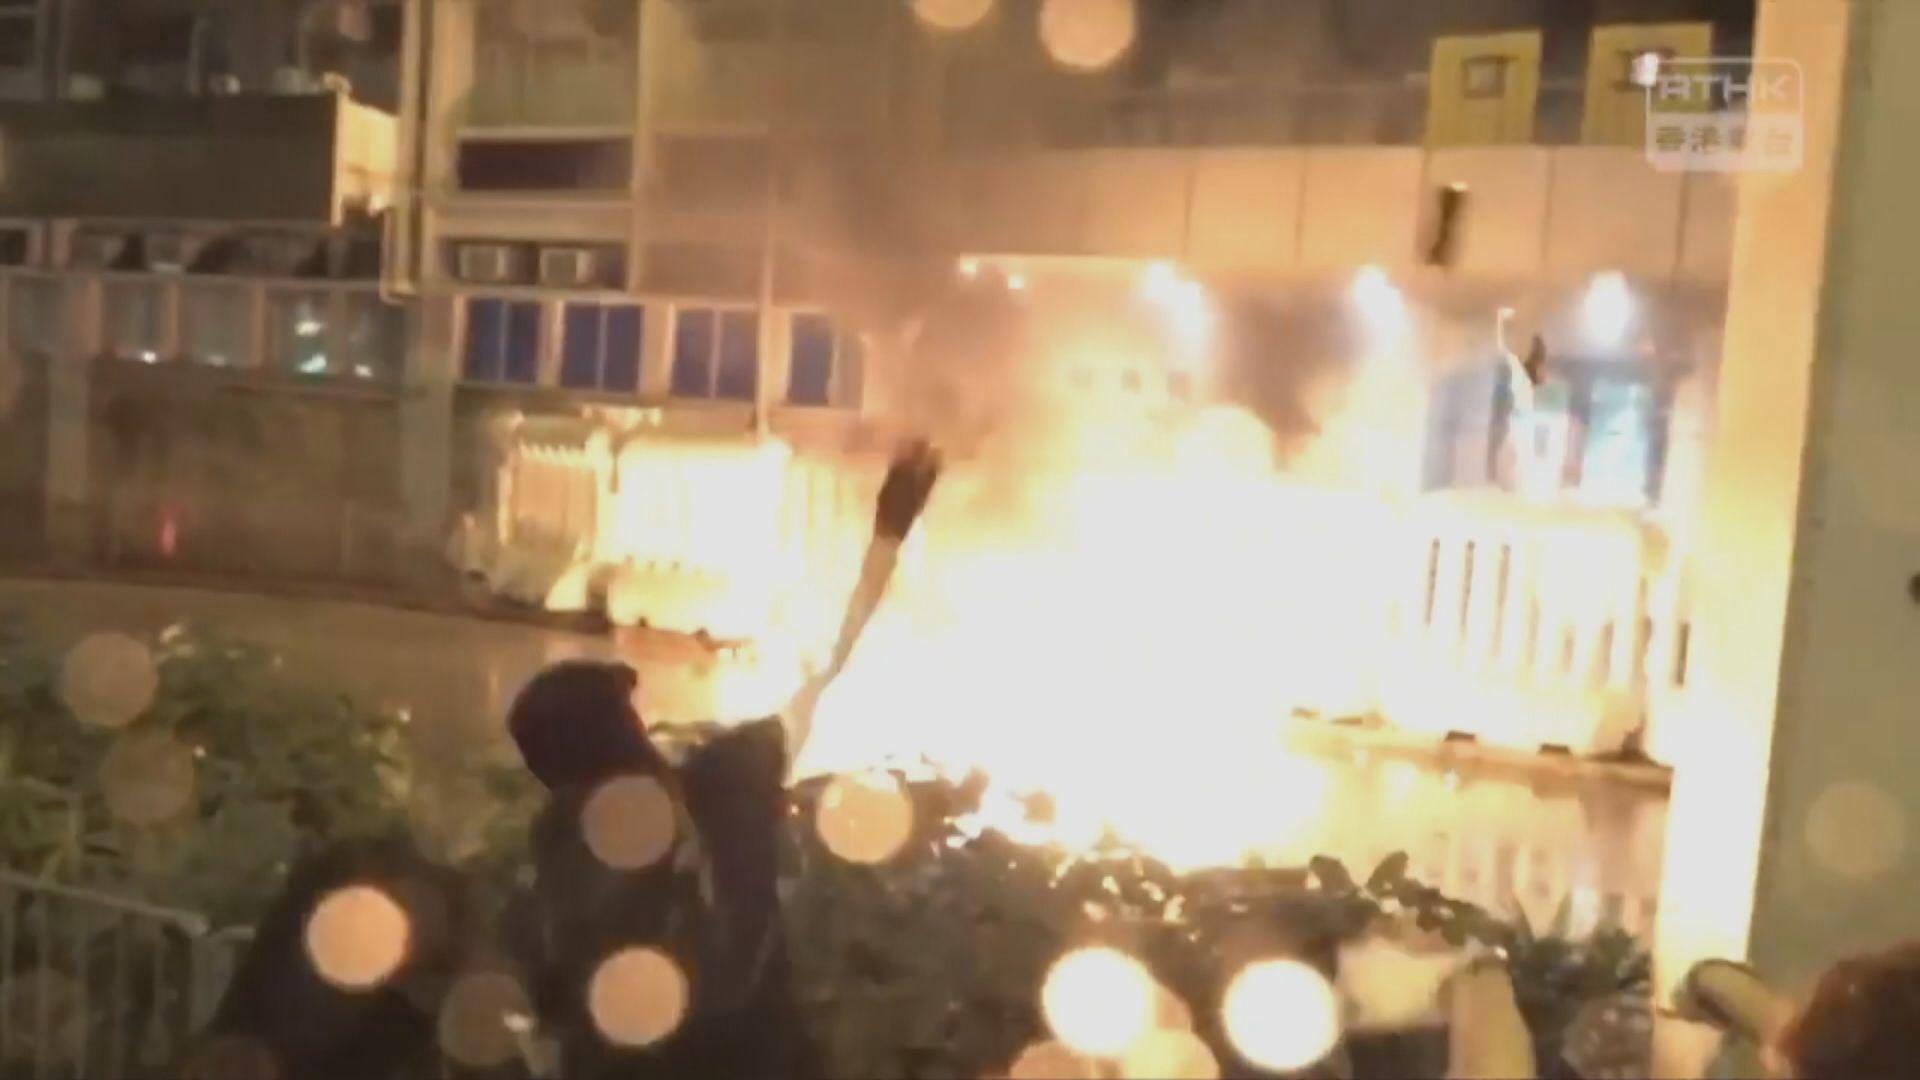 十二港人案中黃臨福被控企圖縱火案提堂 下月底再訊